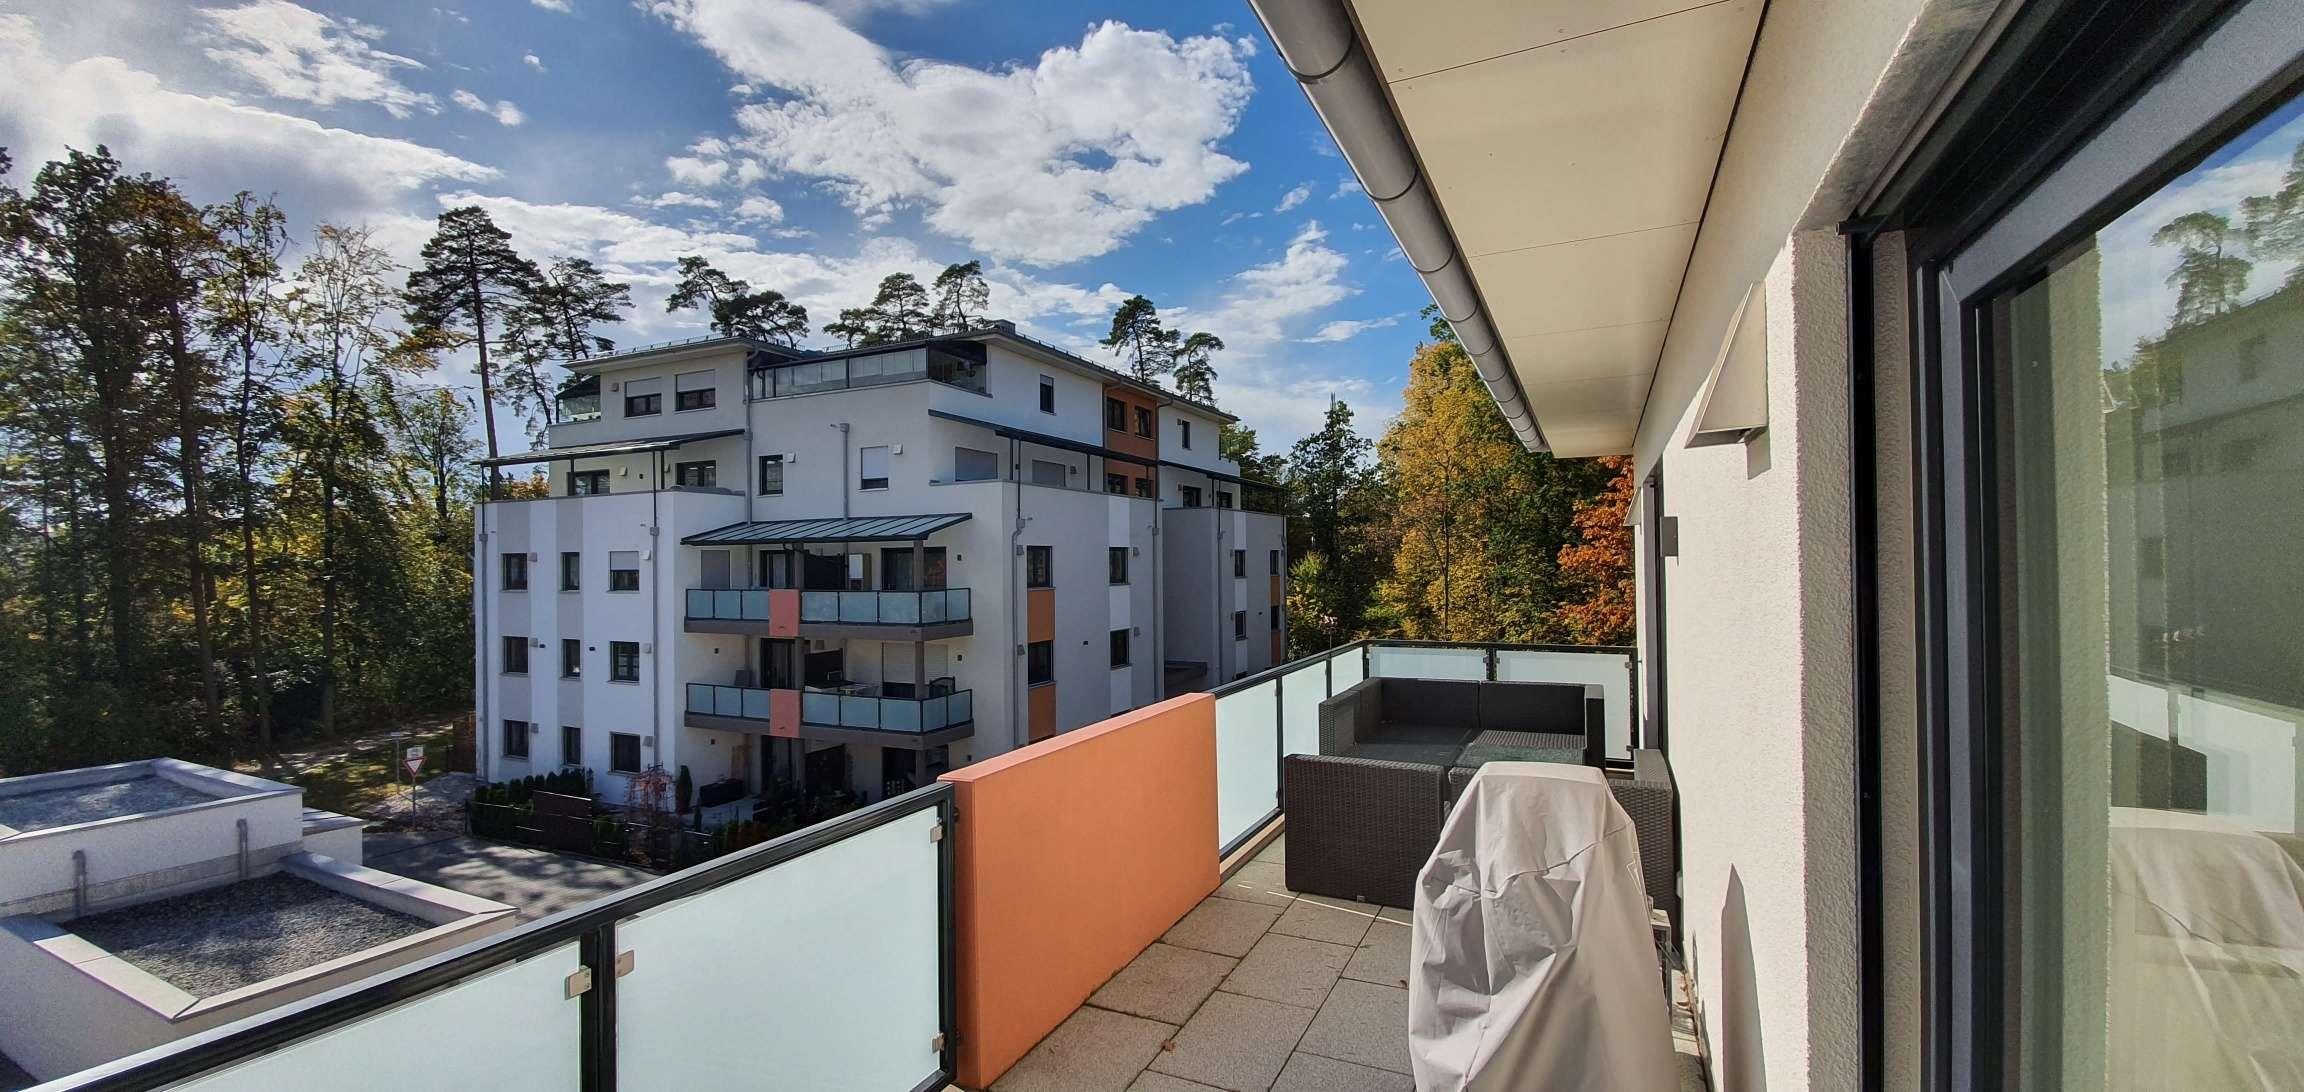 ... modern helle barrierefreie 2-Zi-Whg mit EBK + Südbalkon und Lift in ruhiger Zentrumslage ... in Waldkraiburg